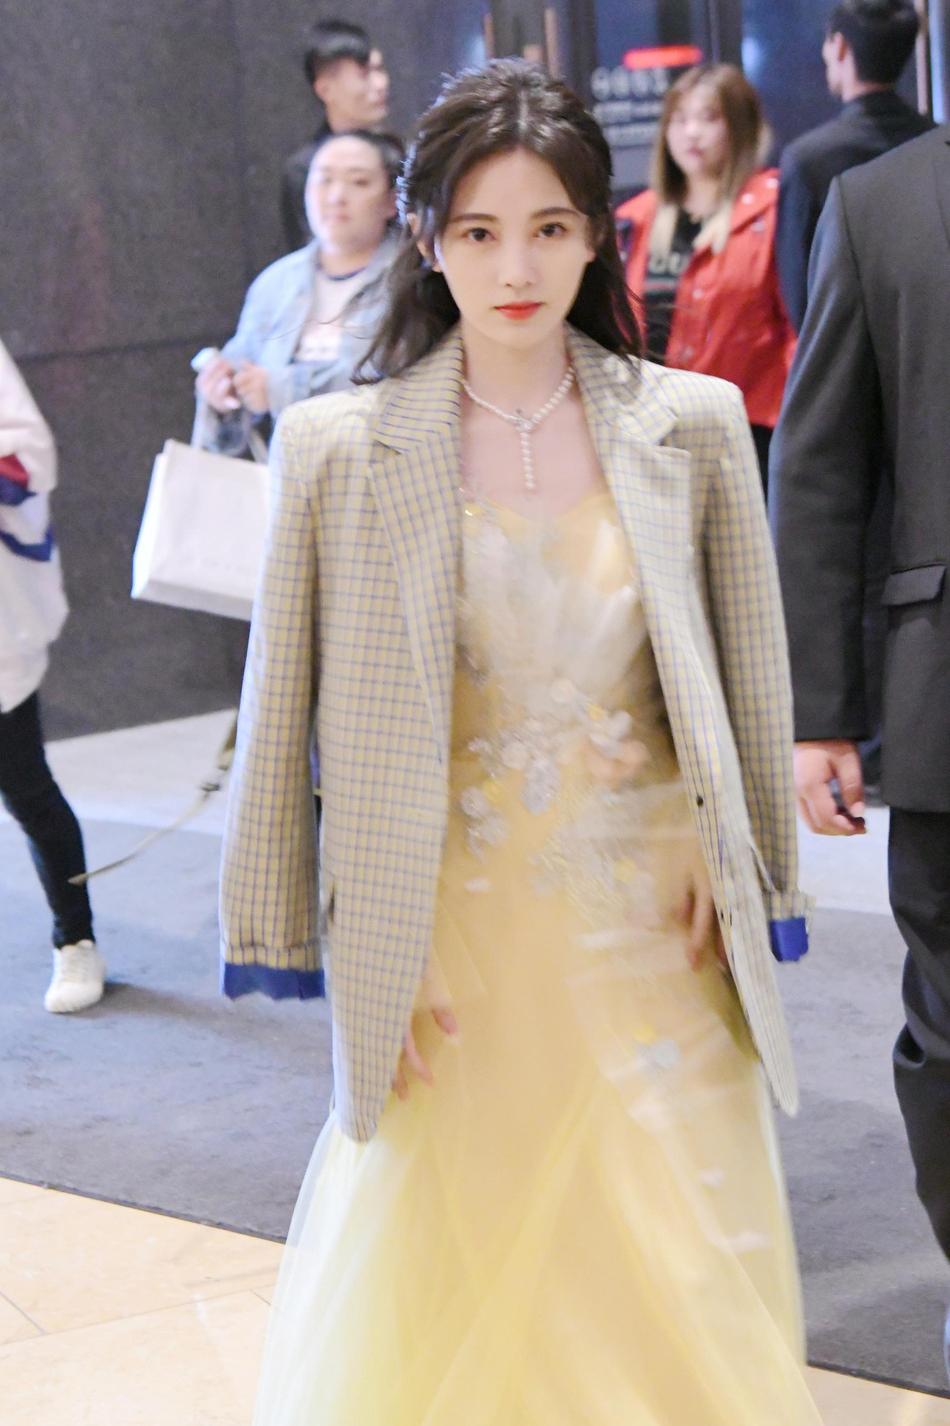 鞠婧祎美成仙!24岁居然穿黄色网纱裙扮嫩,比她大的人还怎么活